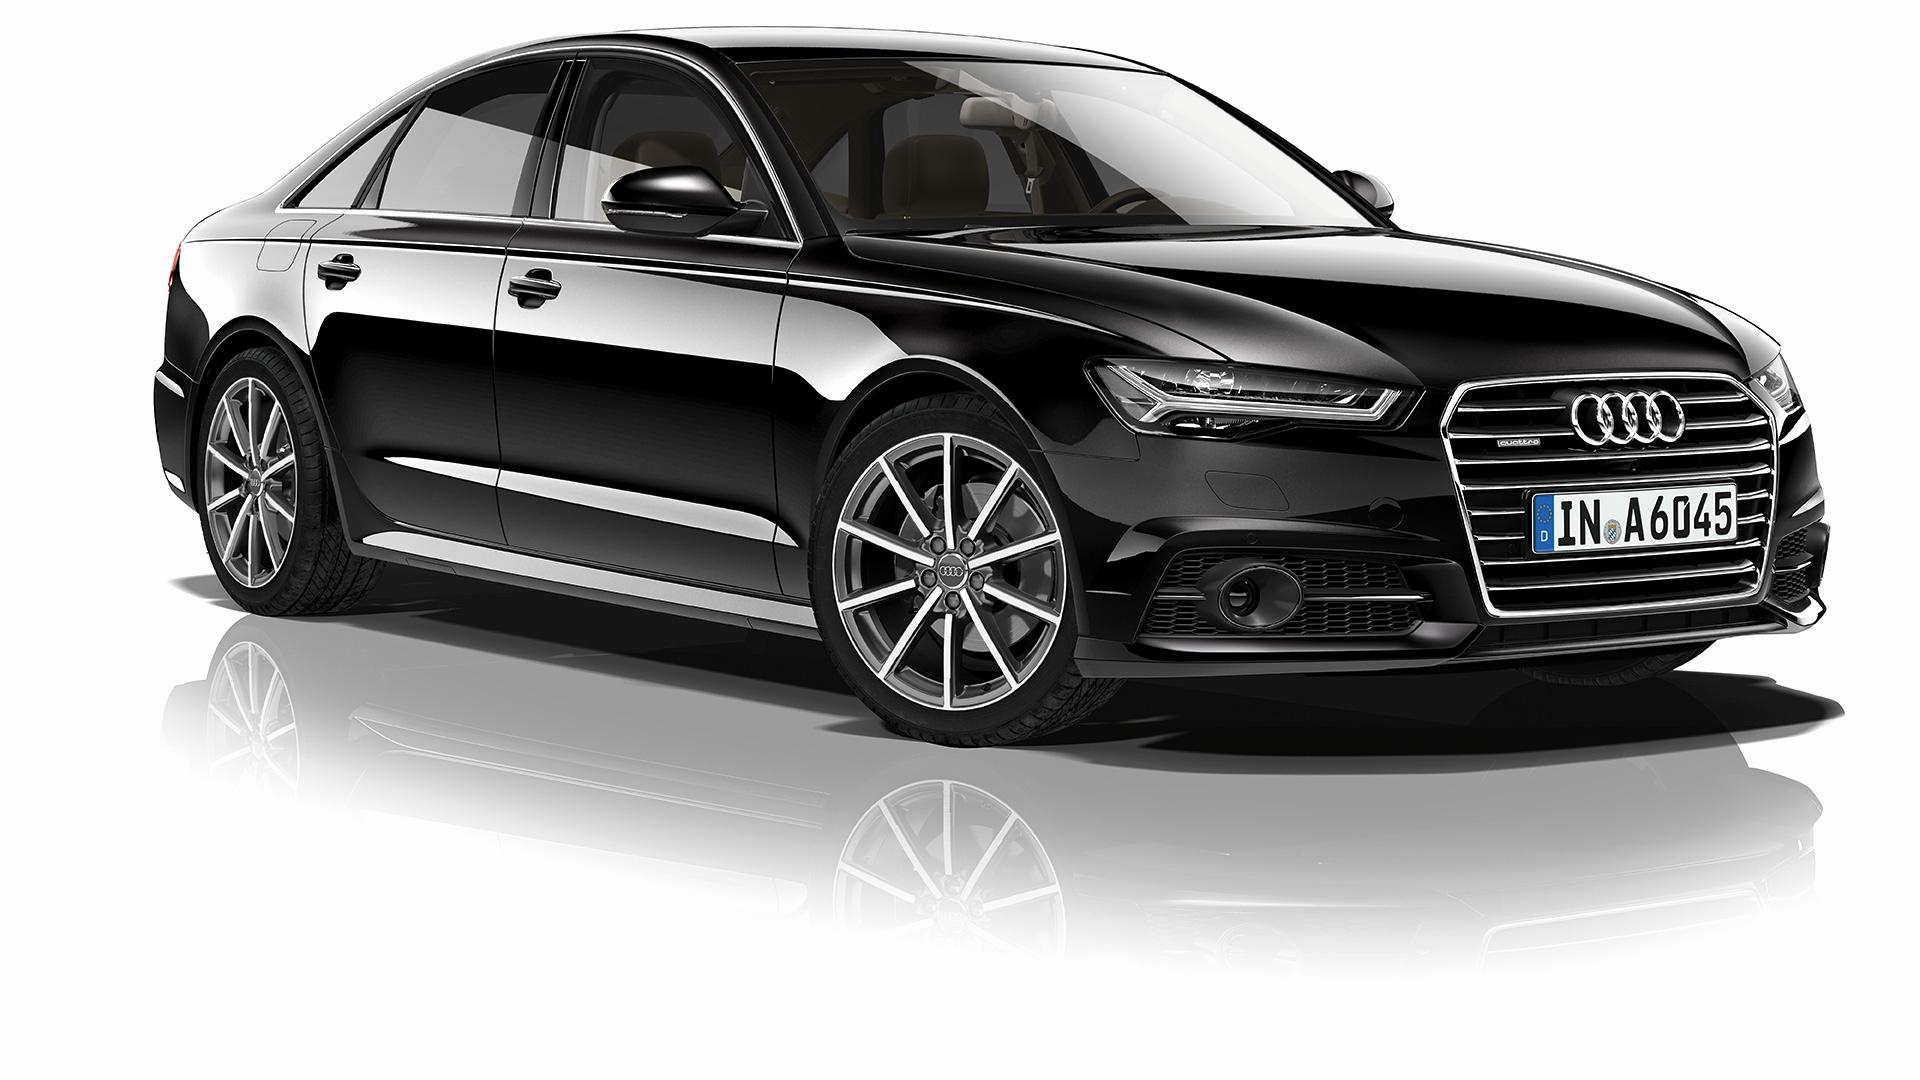 Audi A6 2018 Release date A6 Sedan Audi India